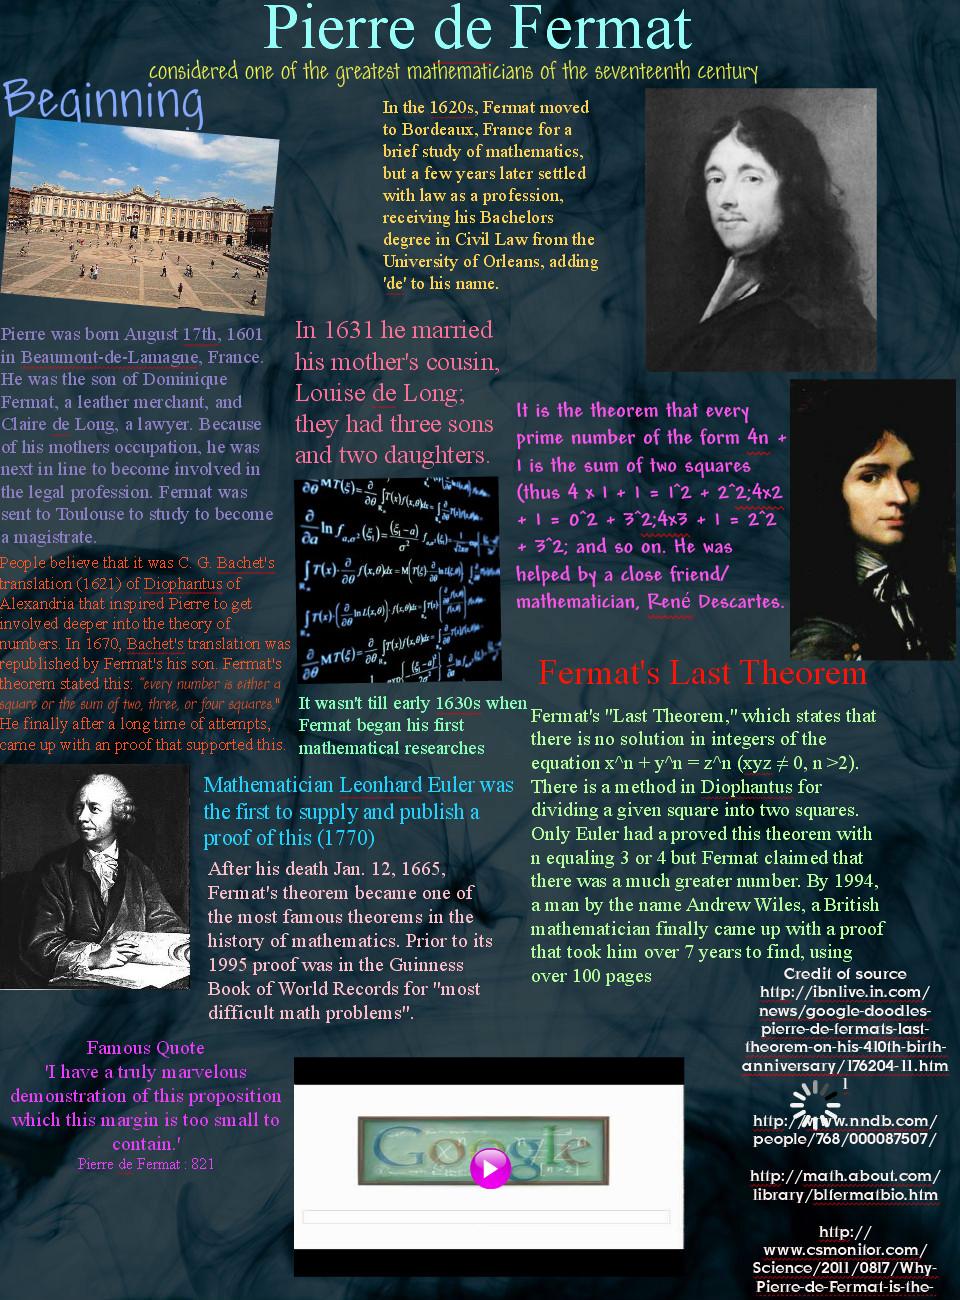 Pierre de Fermat's quote